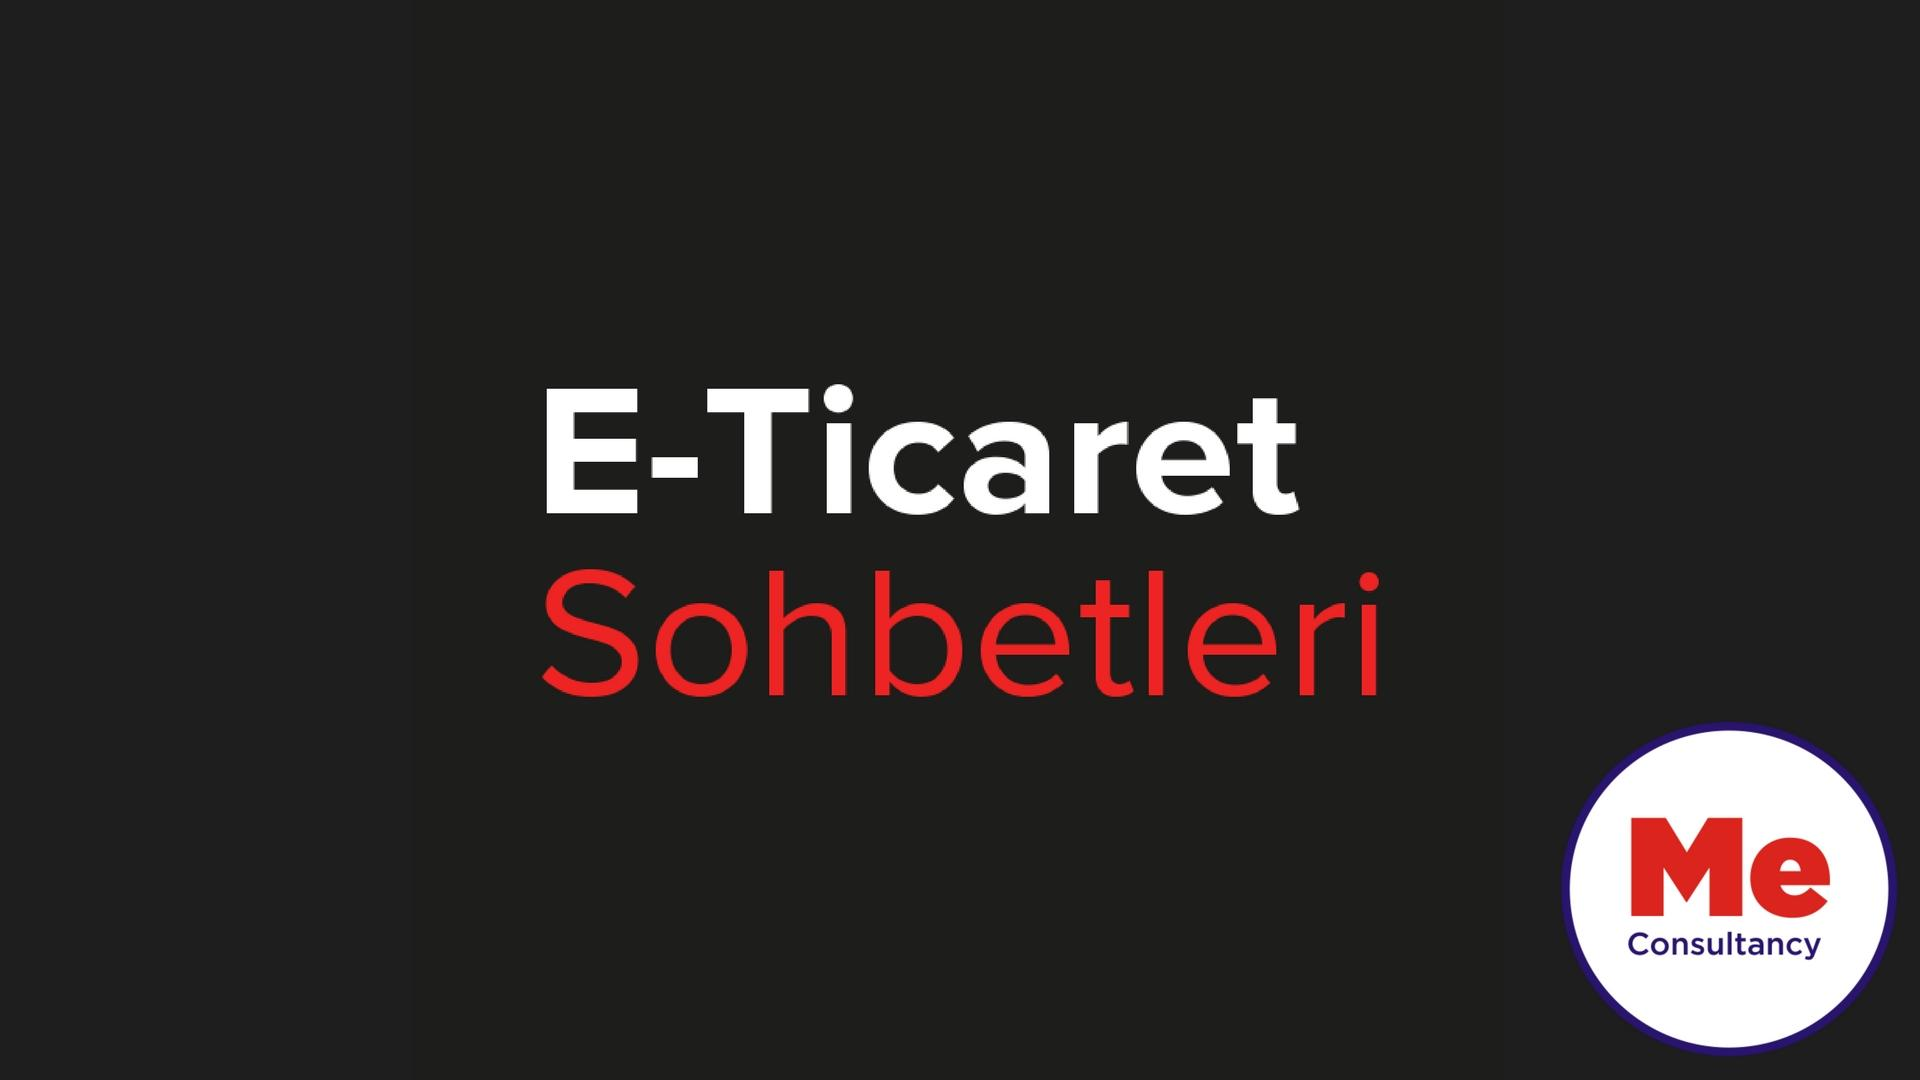 E-Ticaret Sohbetleri - ŞUBAT 2018